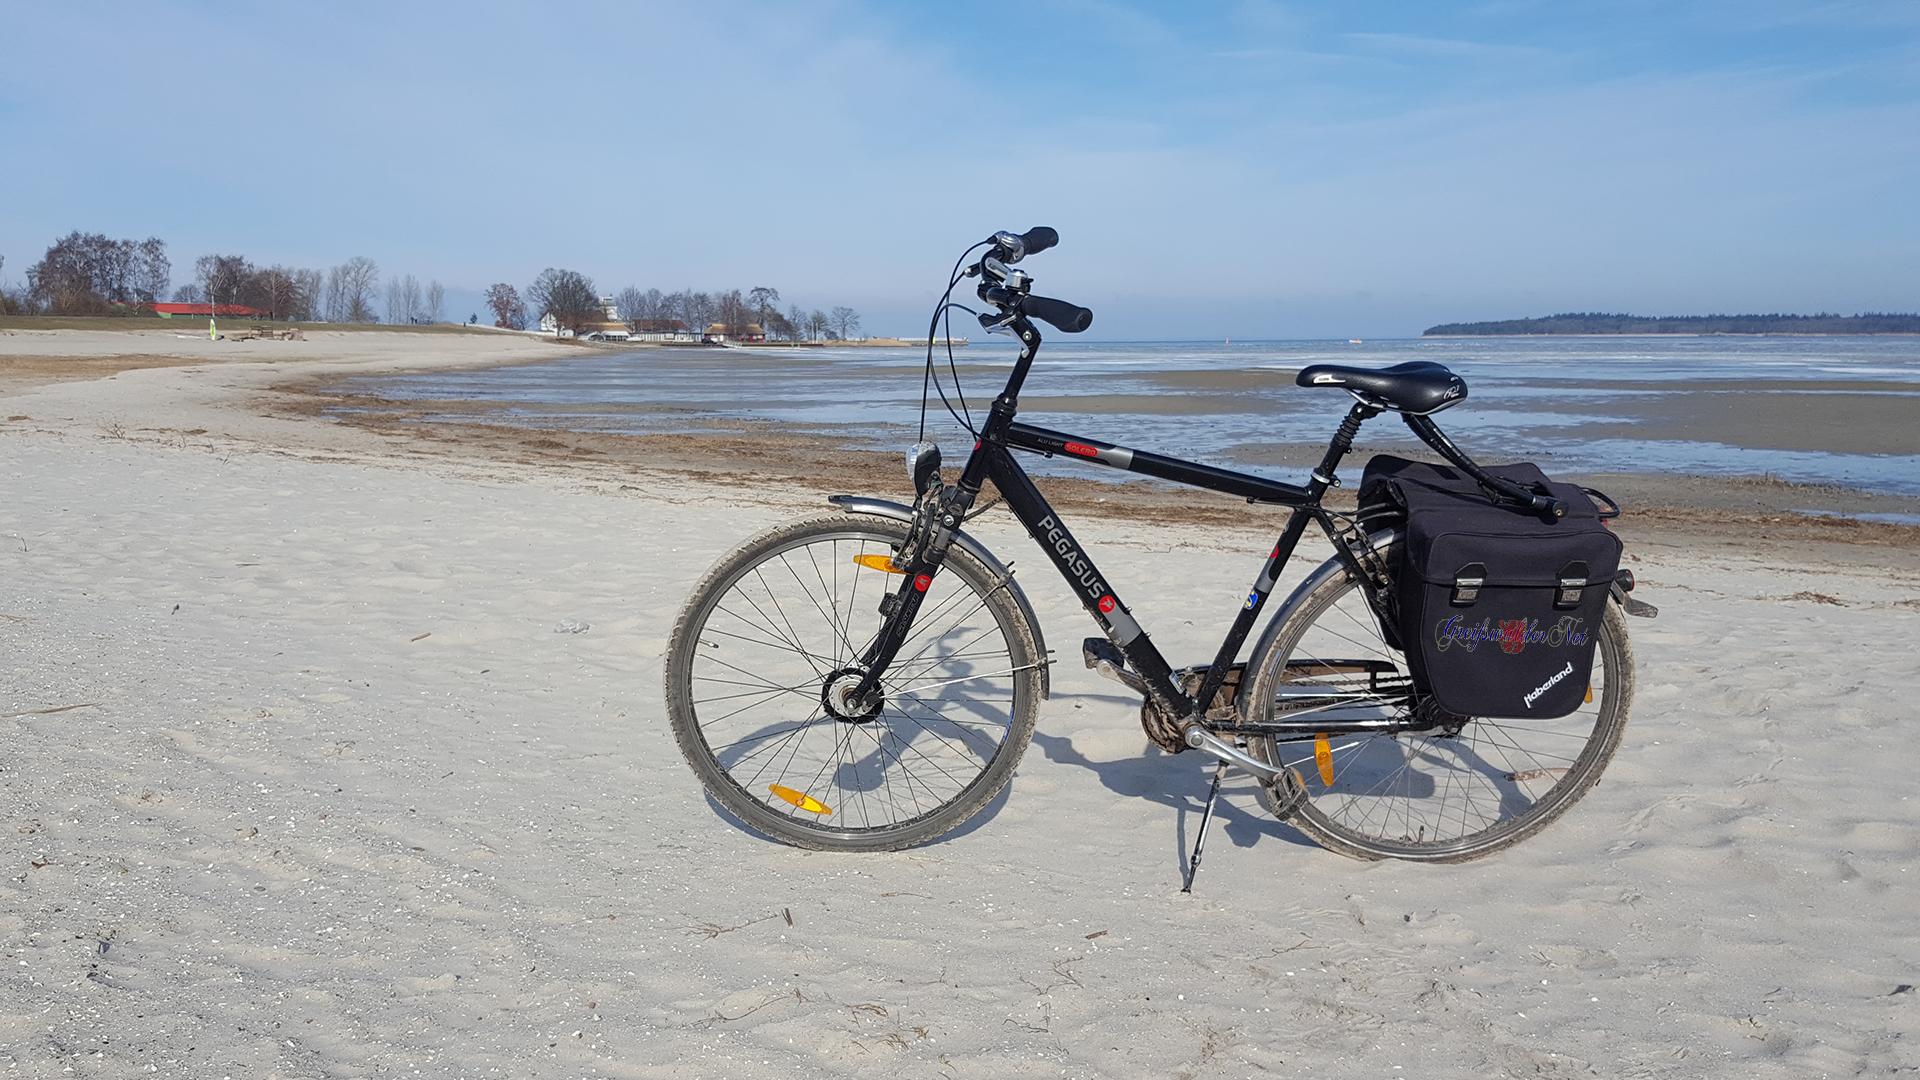 sonniger Winternachmittag am Strand in Greifswald-Eldena